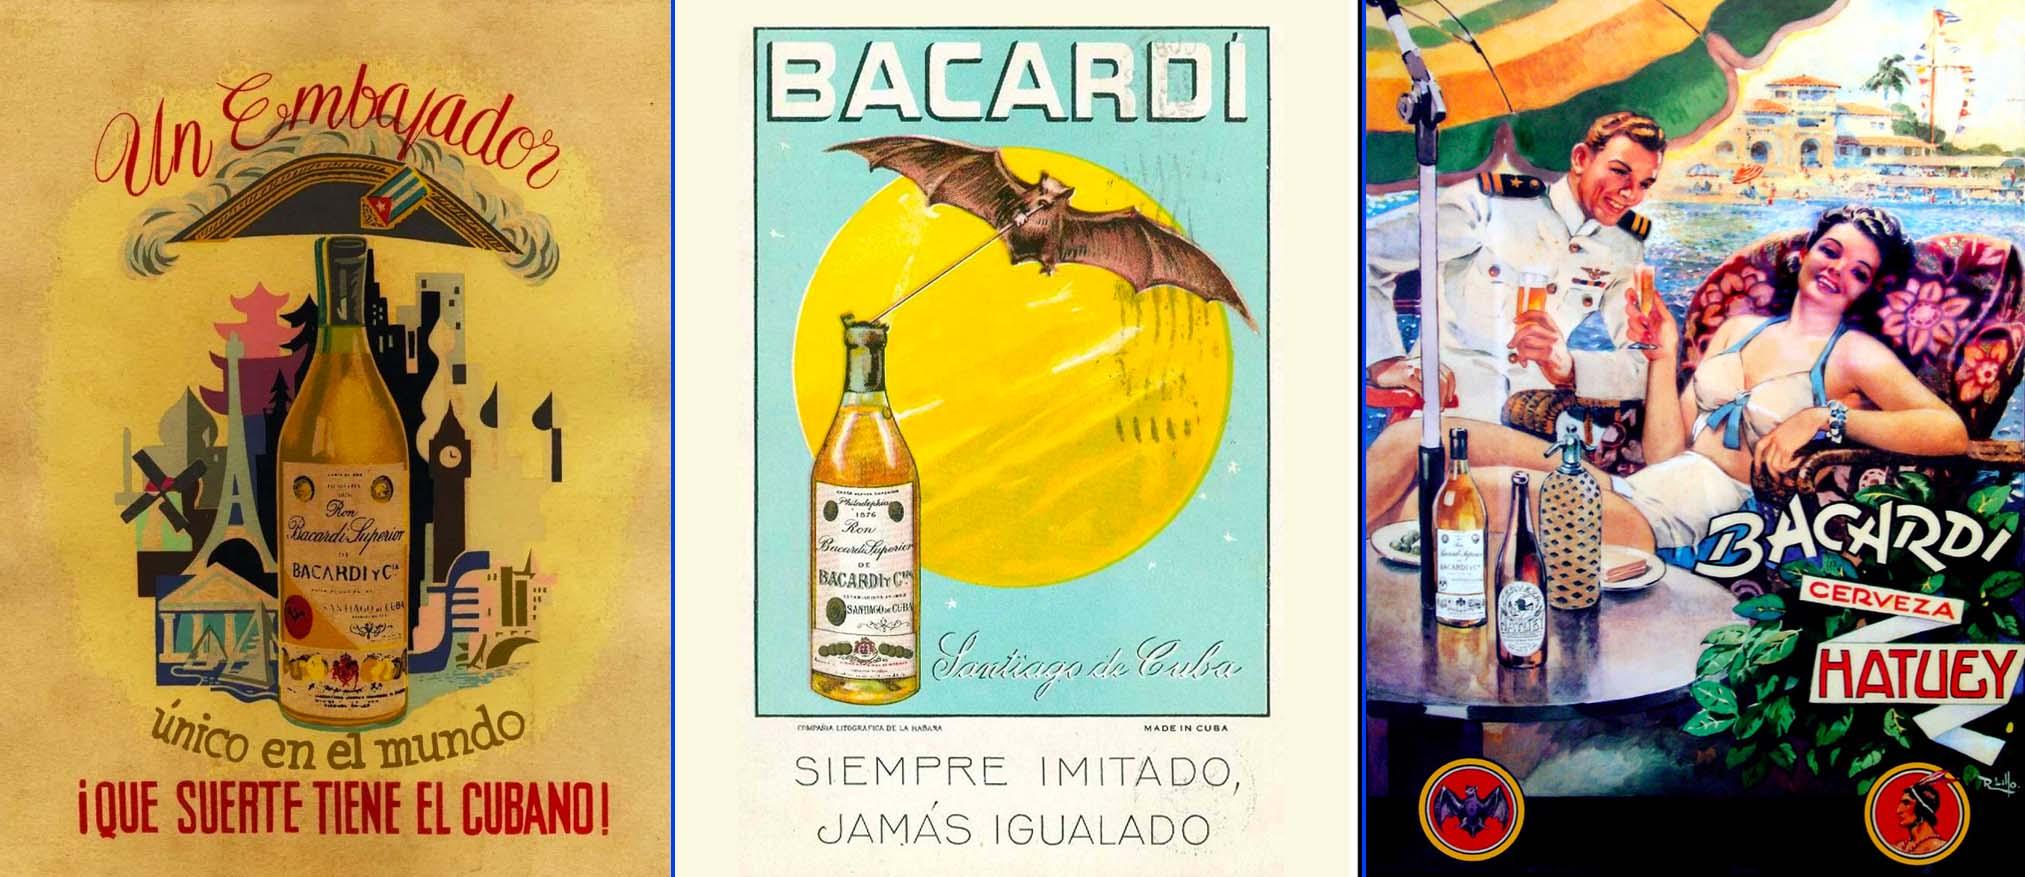 Primeras campañas publicitarias de Bacardí